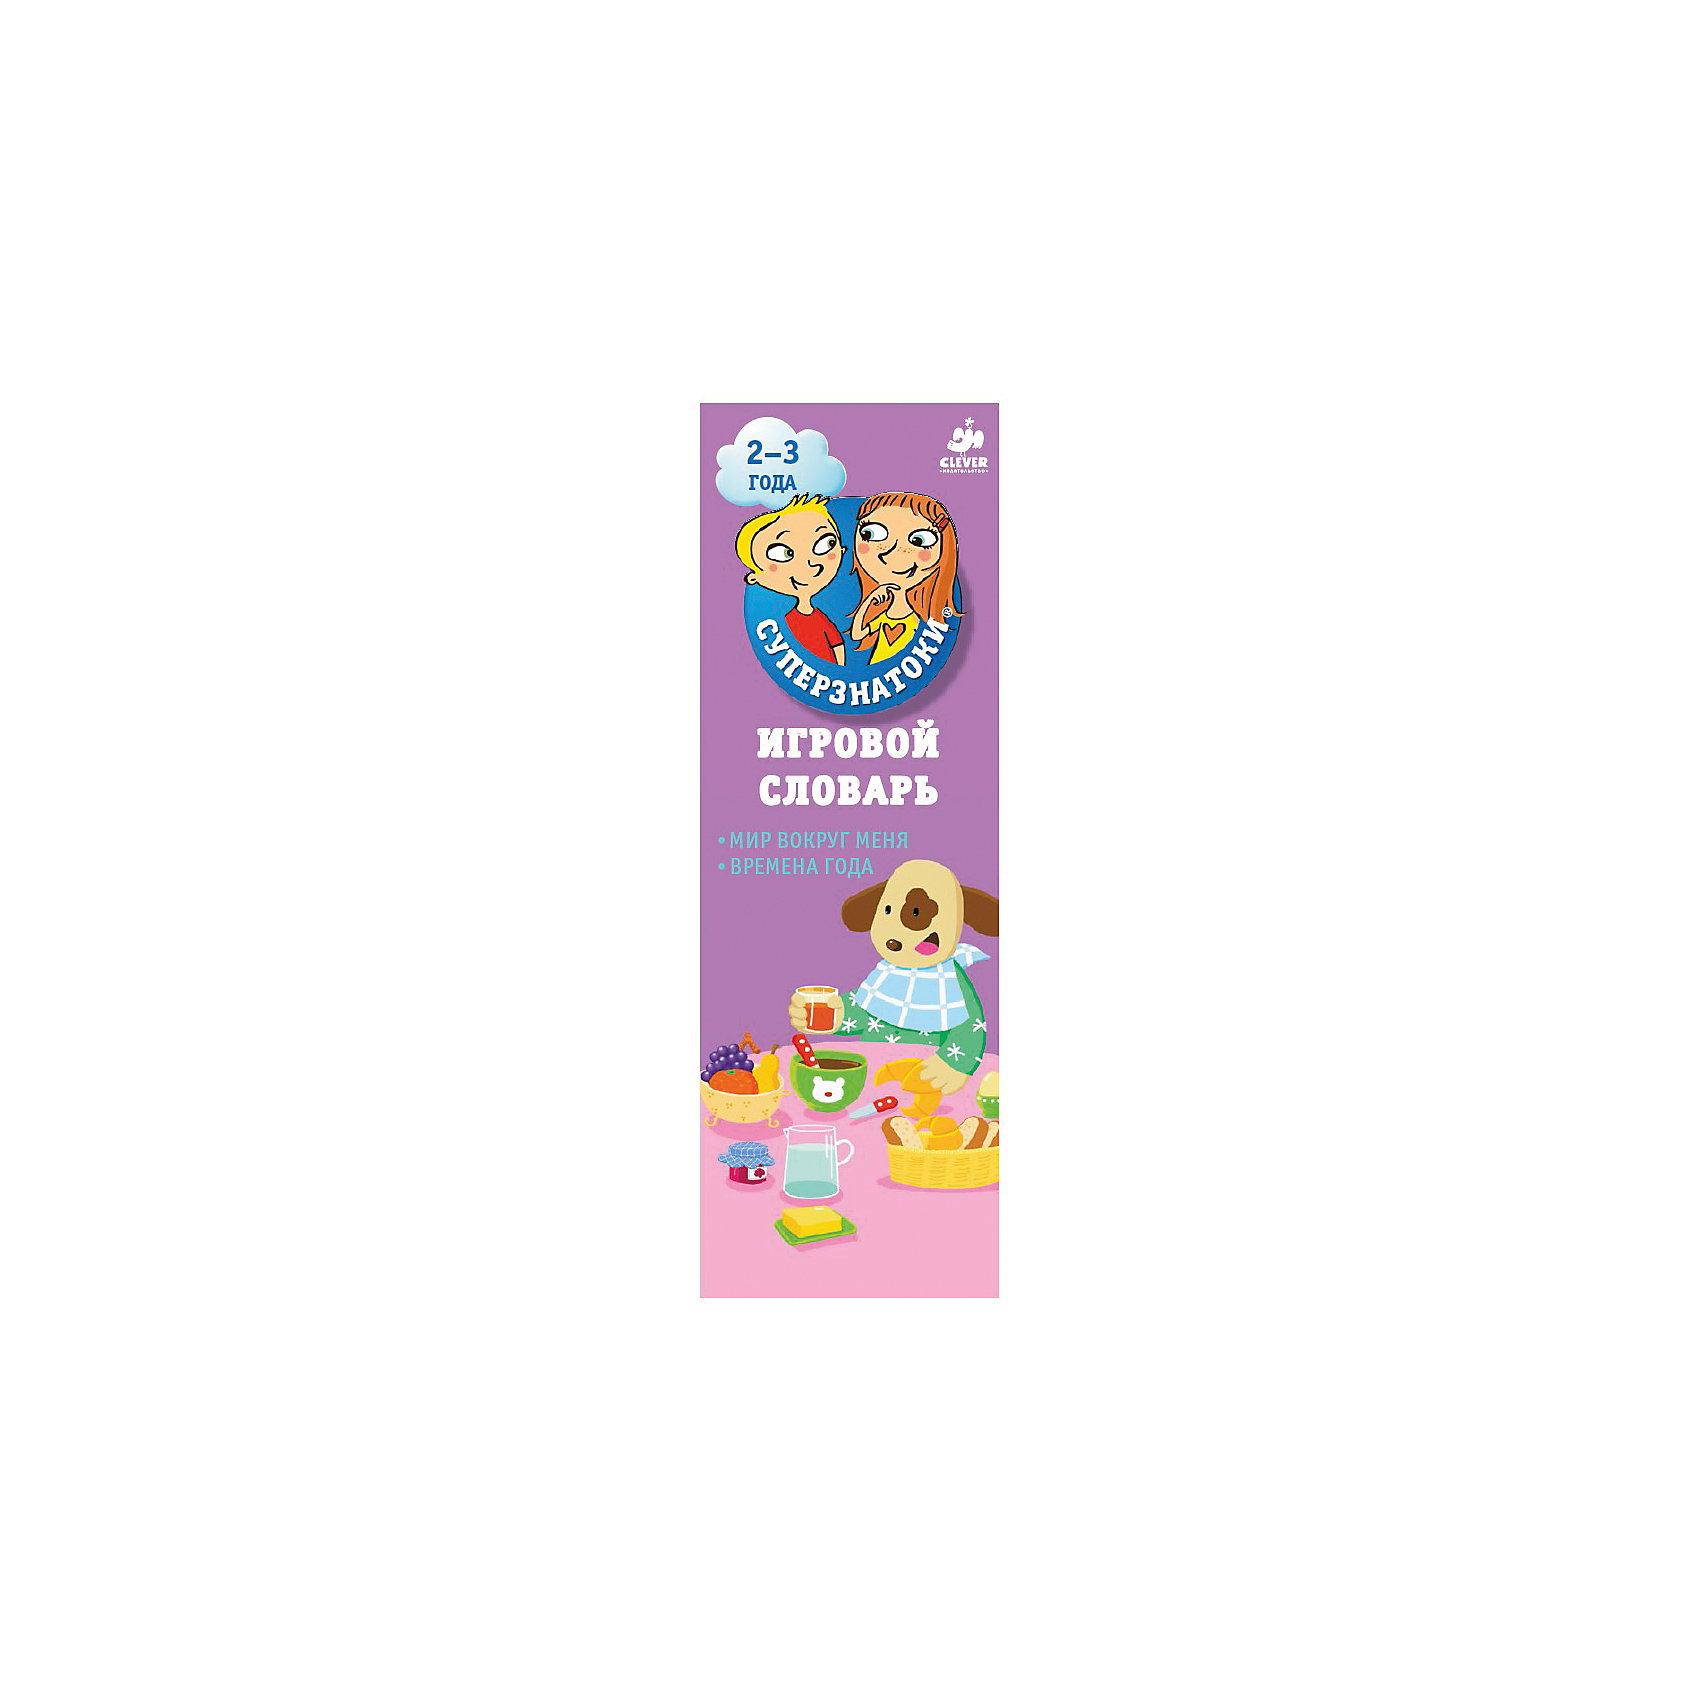 Игровой словарь Мир вокруг меня, Времена года (2-3 года), СуперзнатокиЭто комплект удобных карточек в виде веера с яркими веселыми картинками и 270 вопросами. В него входят карточки двух типов: 1) Карточки с одной большой сюжетной картинкой, чтобы ребенок описывал то, что видит на них. 2) Карточки с тремя маленькими картинками, изображающими предмет или действие. Для игры в вопросы что это? и что он делает?. Используйте предложенные нами вопросы и придумывайте свои собственные. Ребенок в возрасте от 2 до 3 лет развивается очень быстро, и вы будете удивлены, как много уже знает ваш малыш. А играя с веерами Суперзнатоки, с каждым вопросом он будет узнавать все больше и больше!<br><br>Ширина мм: 172<br>Глубина мм: 60<br>Высота мм: 20<br>Вес г: 150<br>Возраст от месяцев: 0<br>Возраст до месяцев: 36<br>Пол: Унисекс<br>Возраст: Детский<br>SKU: 5377851